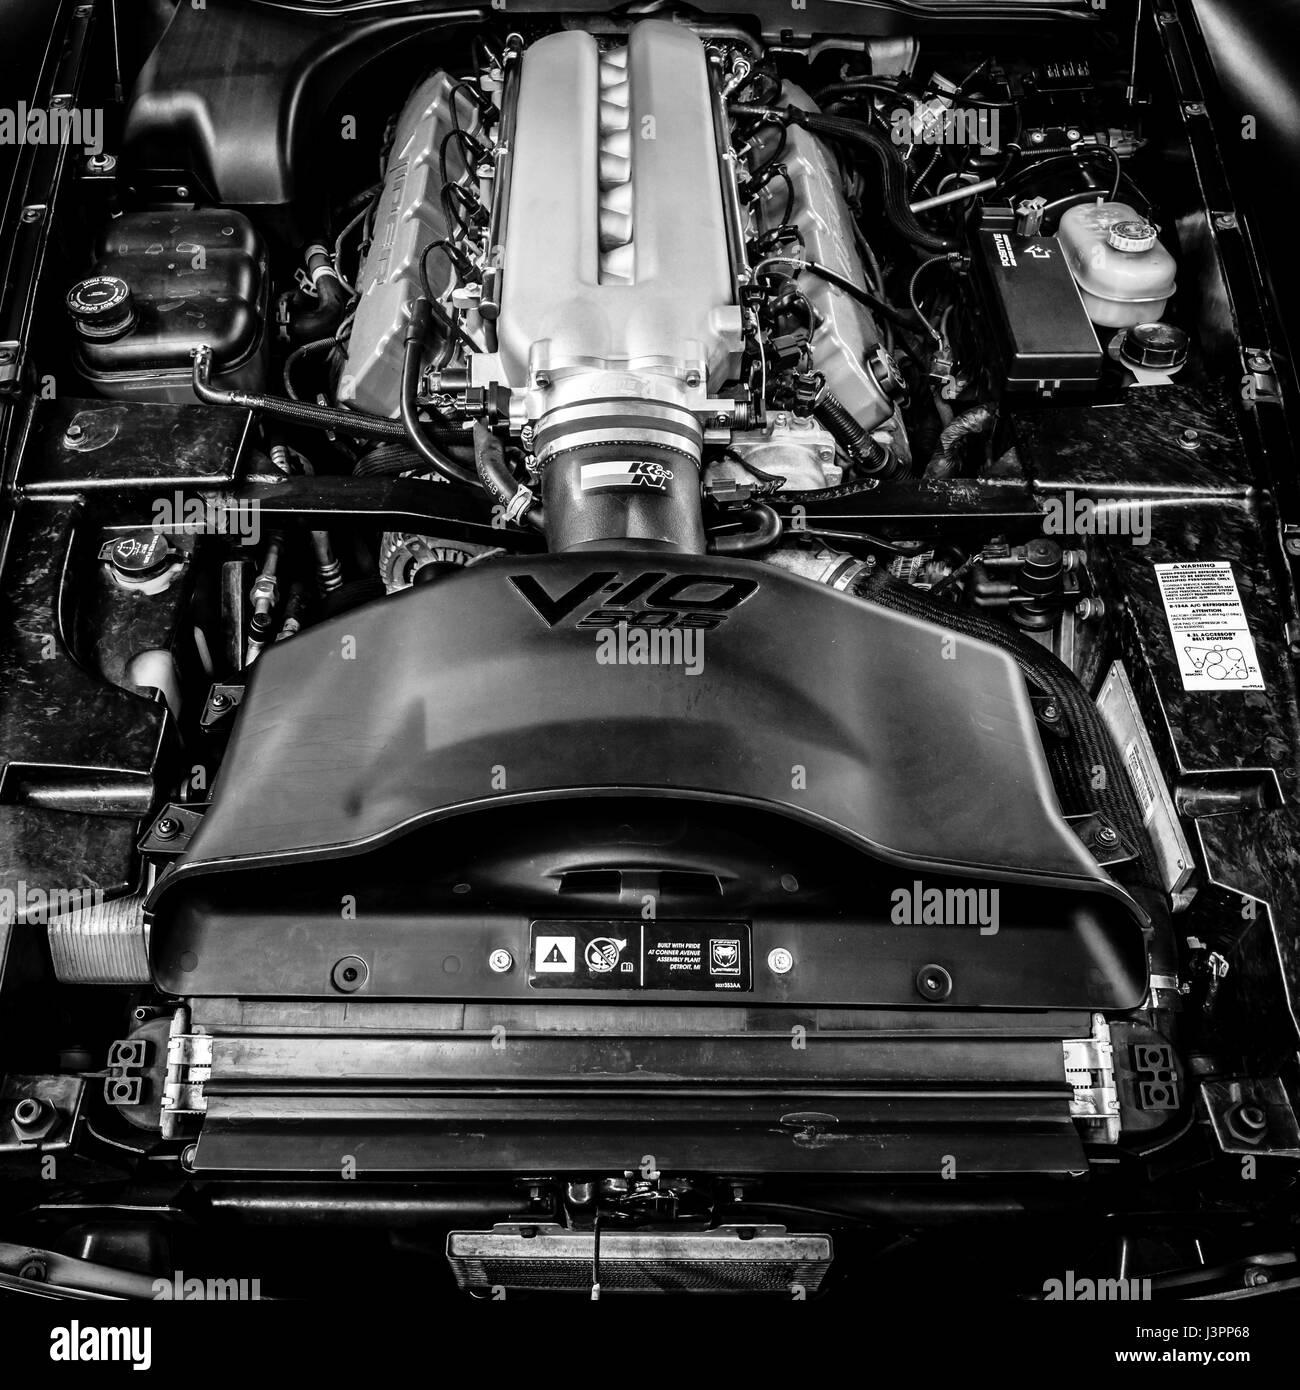 stuttgart germany march 03 2017 engine of sports car. Black Bedroom Furniture Sets. Home Design Ideas